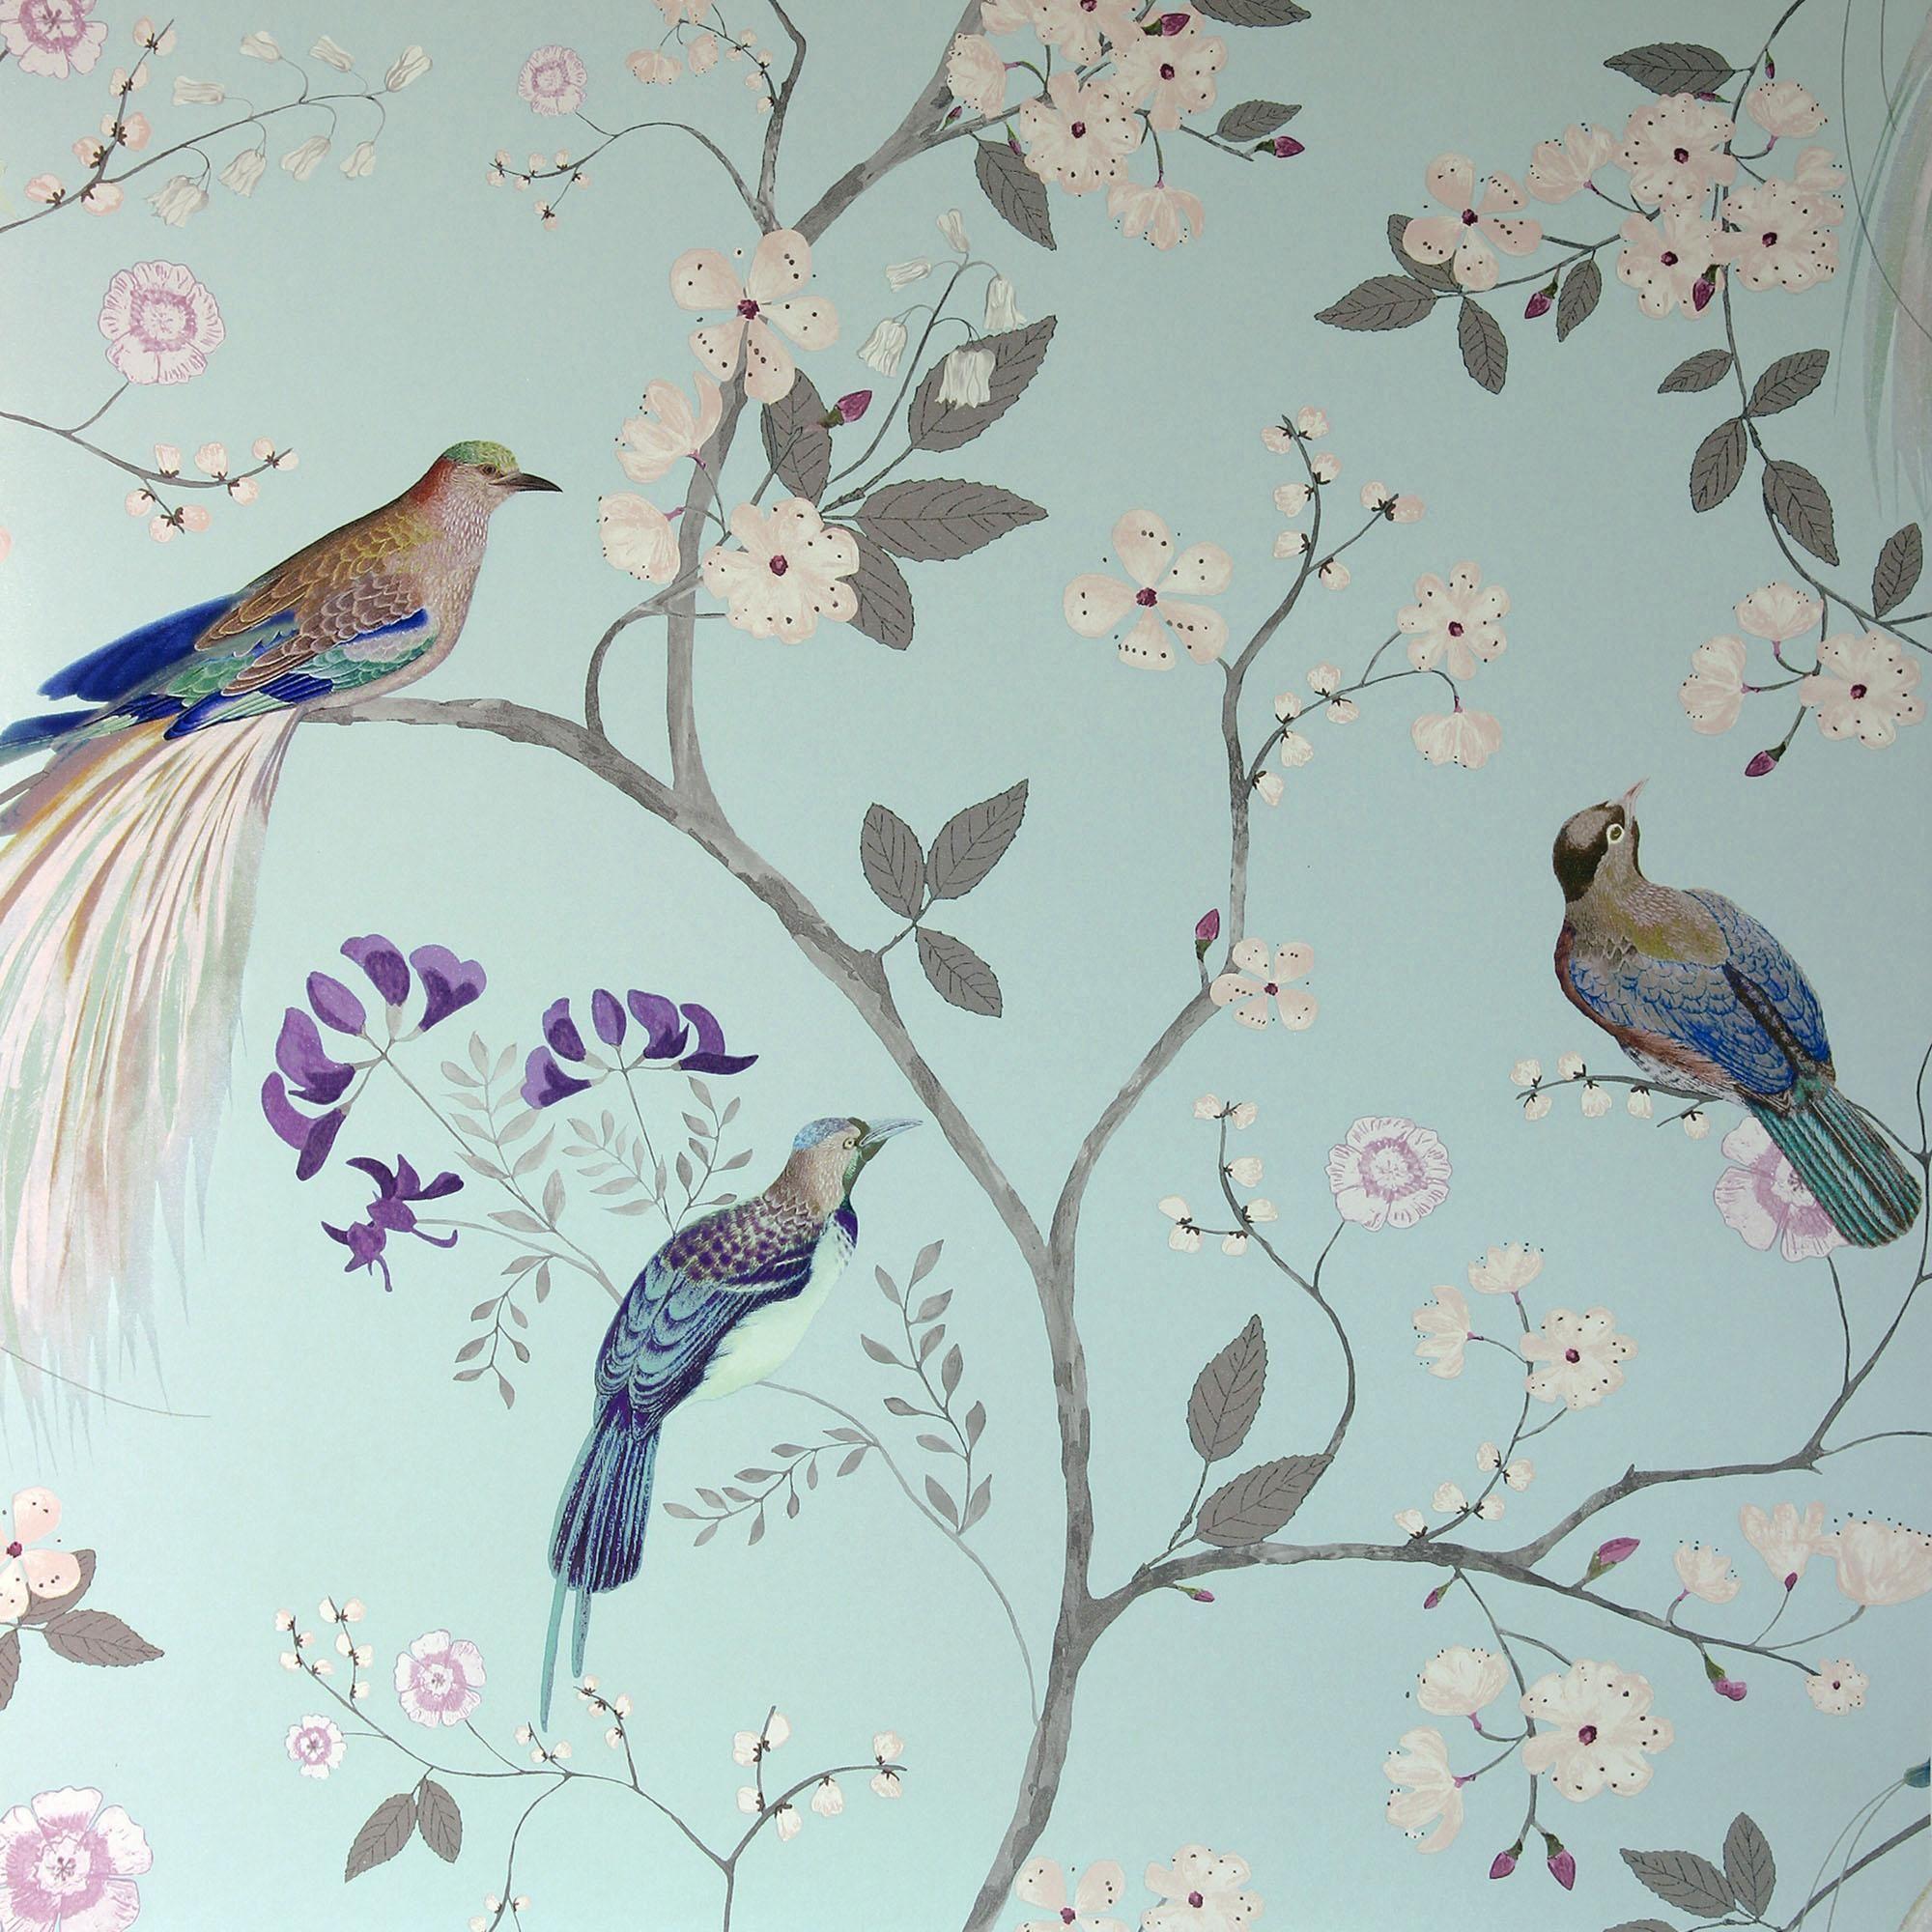 Dorma Maiya Duck Egg Wallpaper Duck Egg Blue Wallpaper Bird Wallpaper Bedroom Blue Floral Wallpaper Duck egg blue kitchen wallpaper